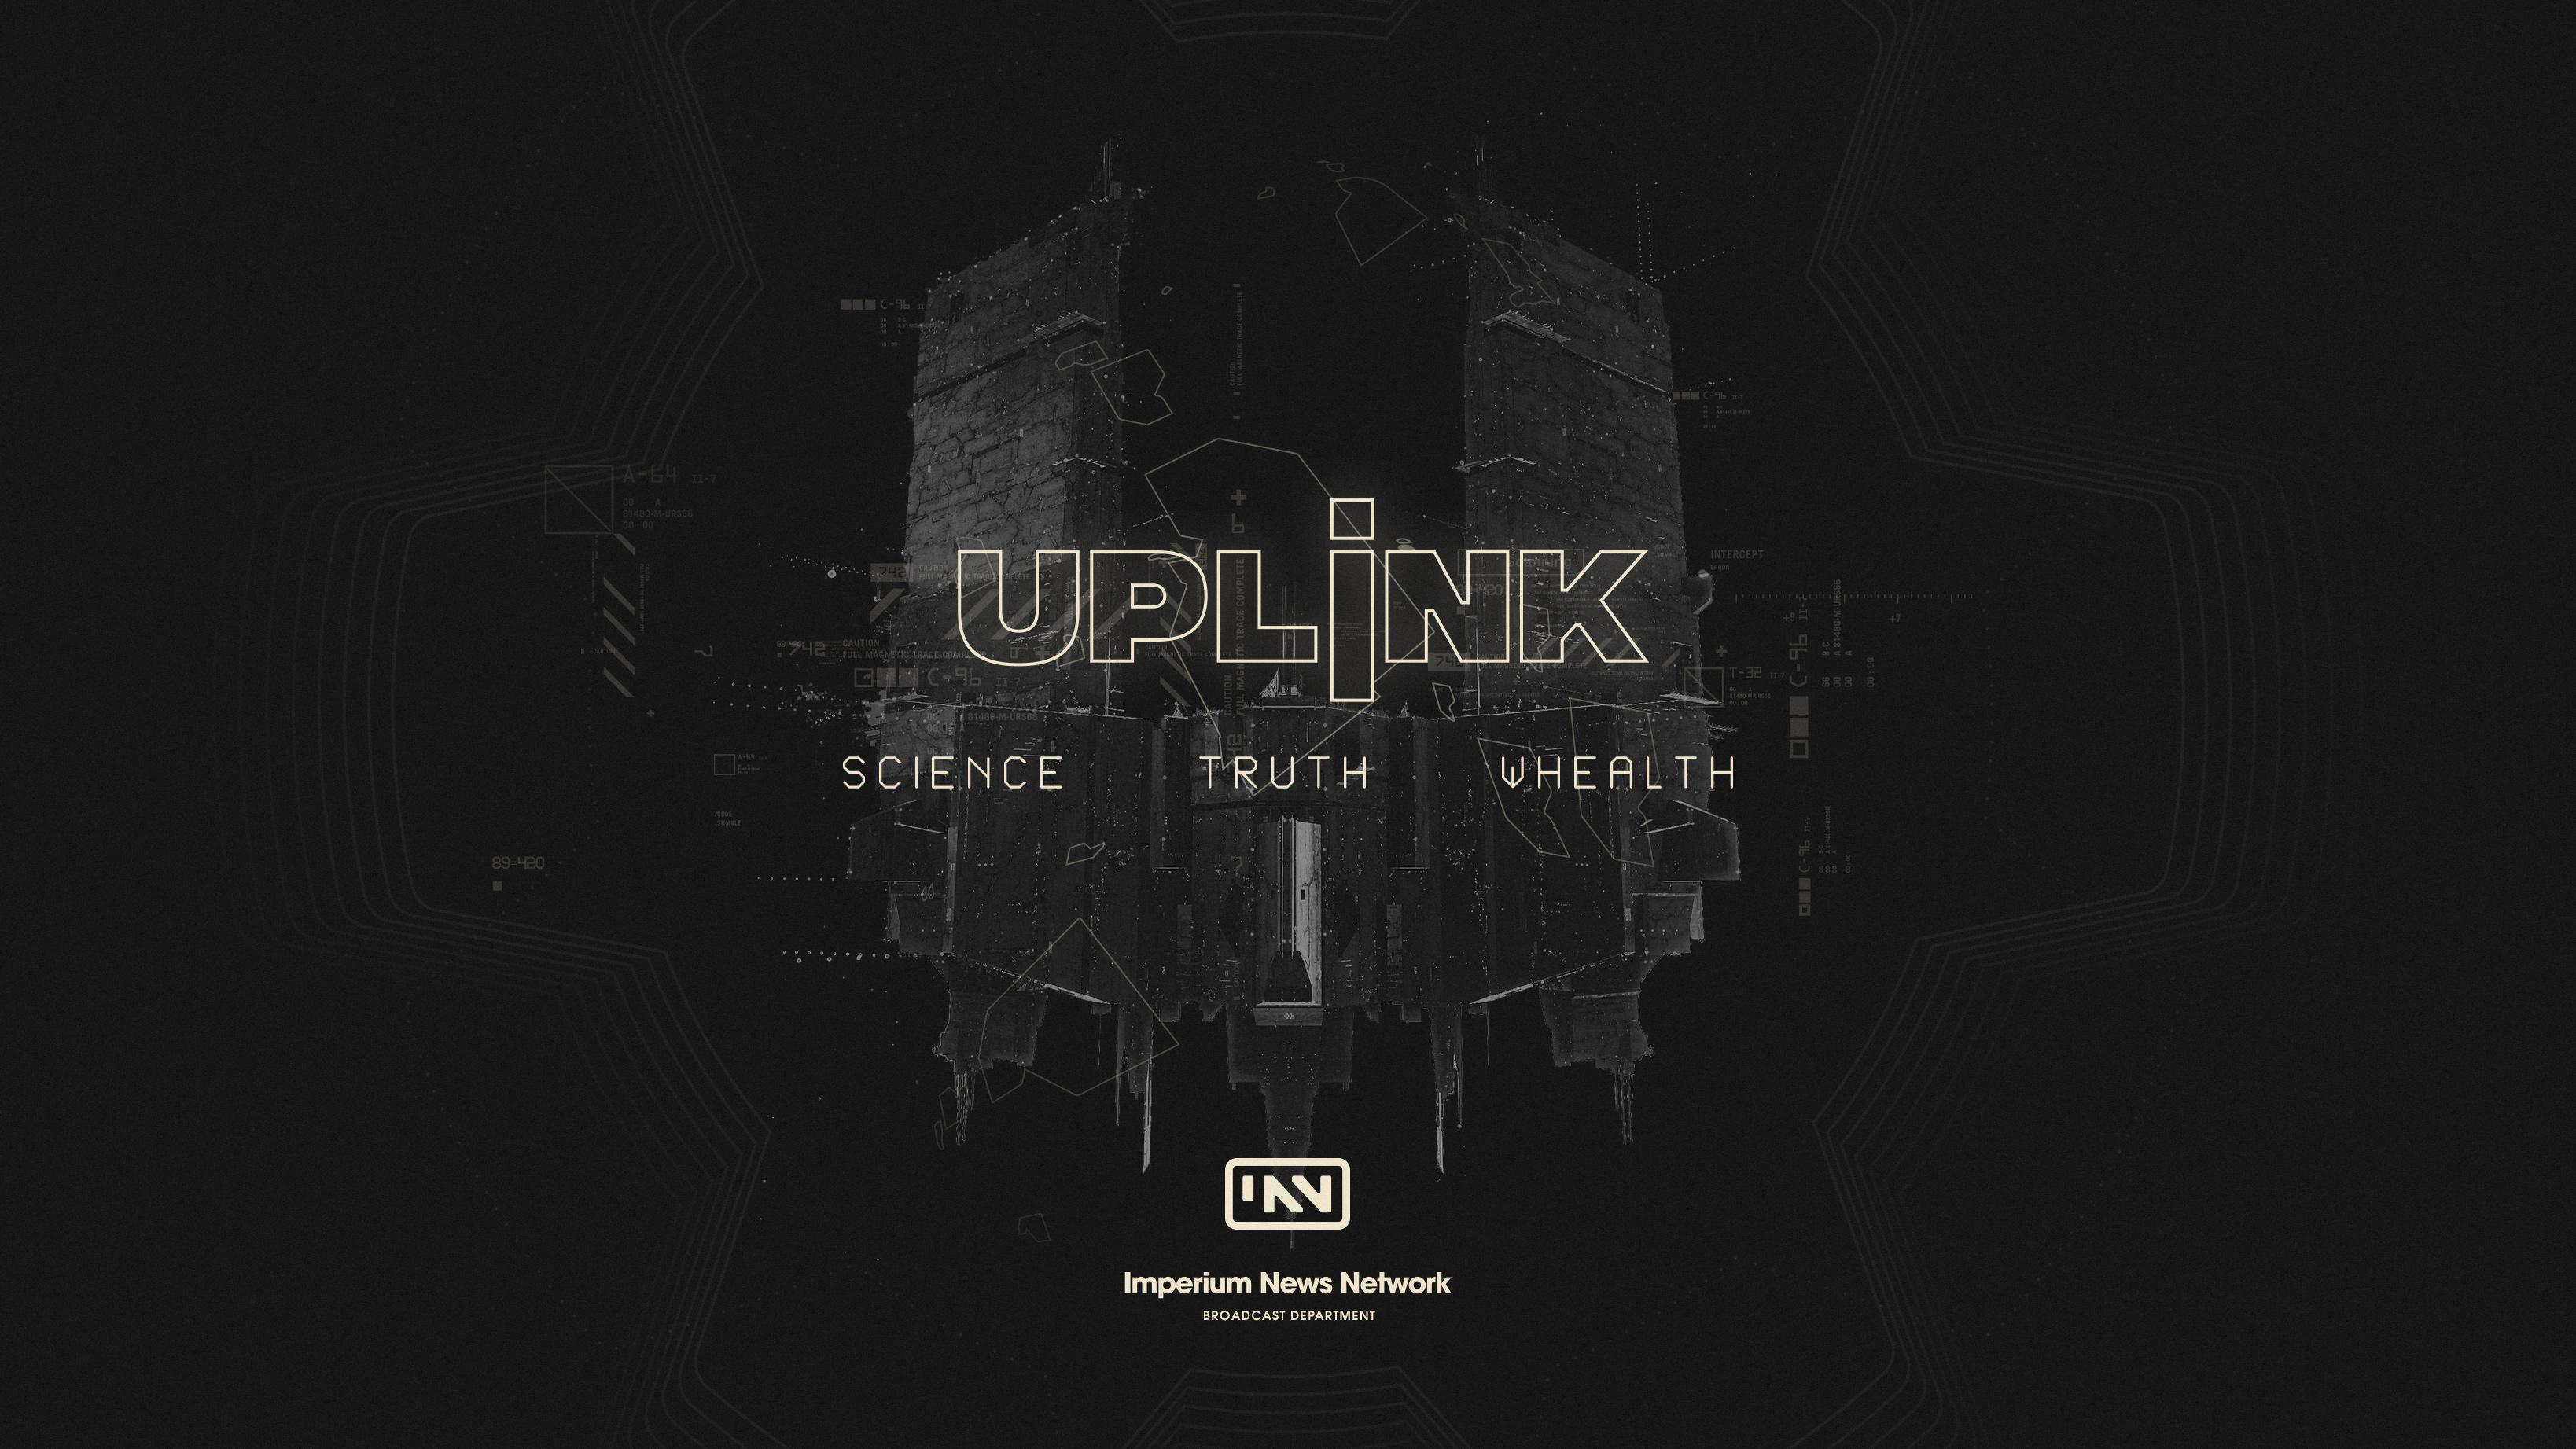 Portfolio-INN-Identity-Main_uplink